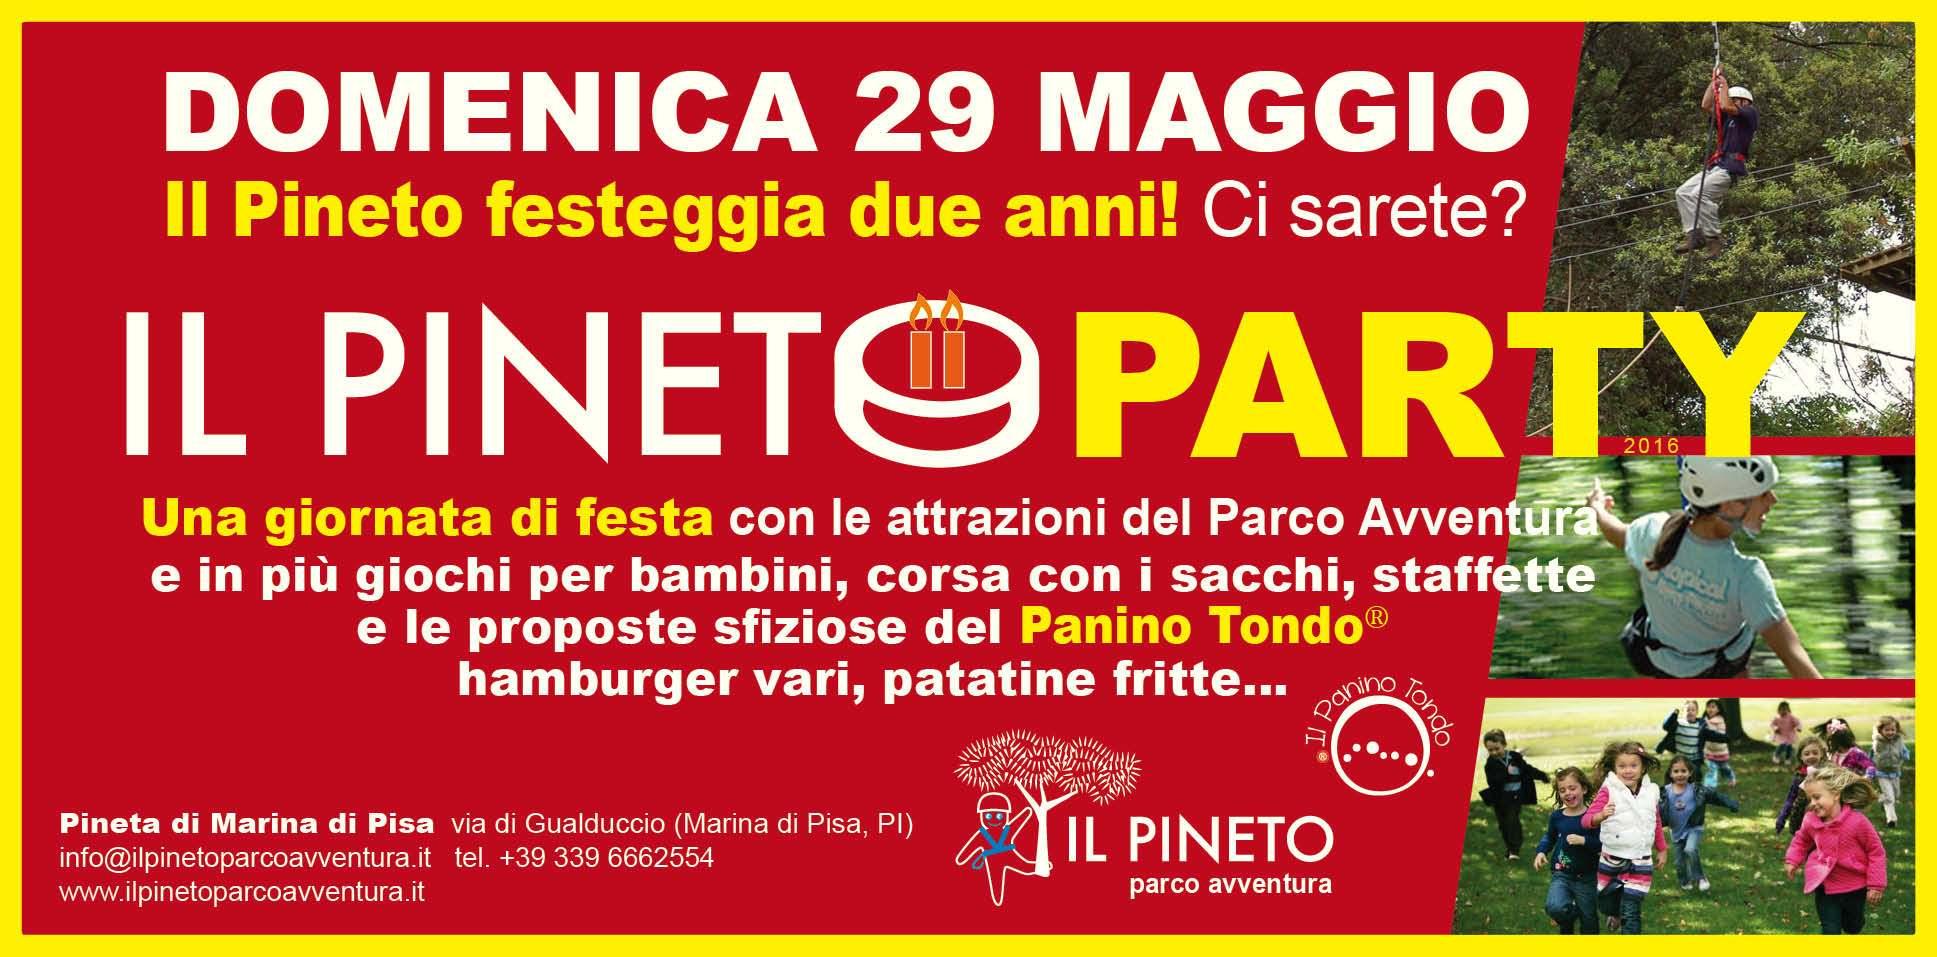 Mega festa al Parco Avventura il Pineto che festeggia 2 anni